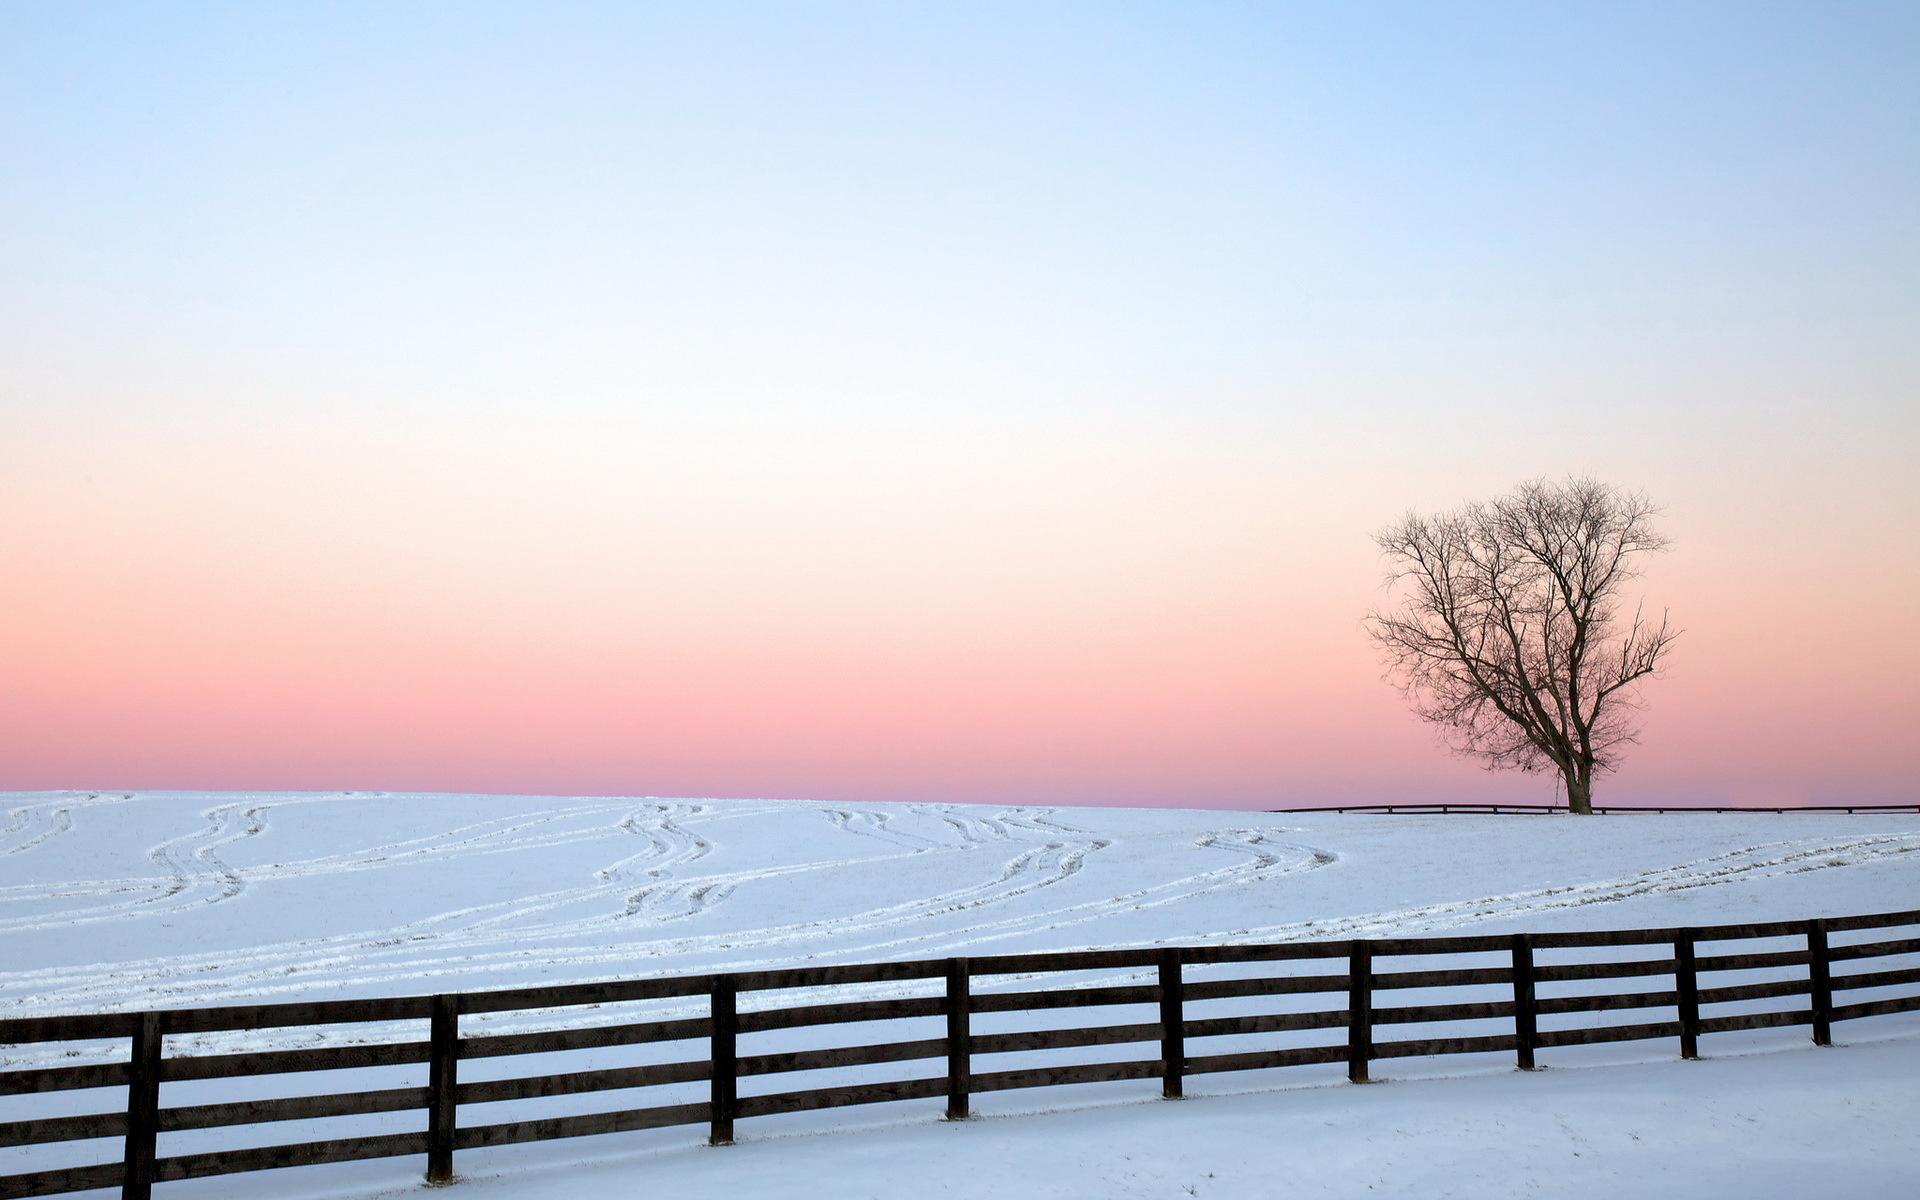 雪中的树冷色风景电脑壁纸下载 高清桌面壁纸下载 找素材网